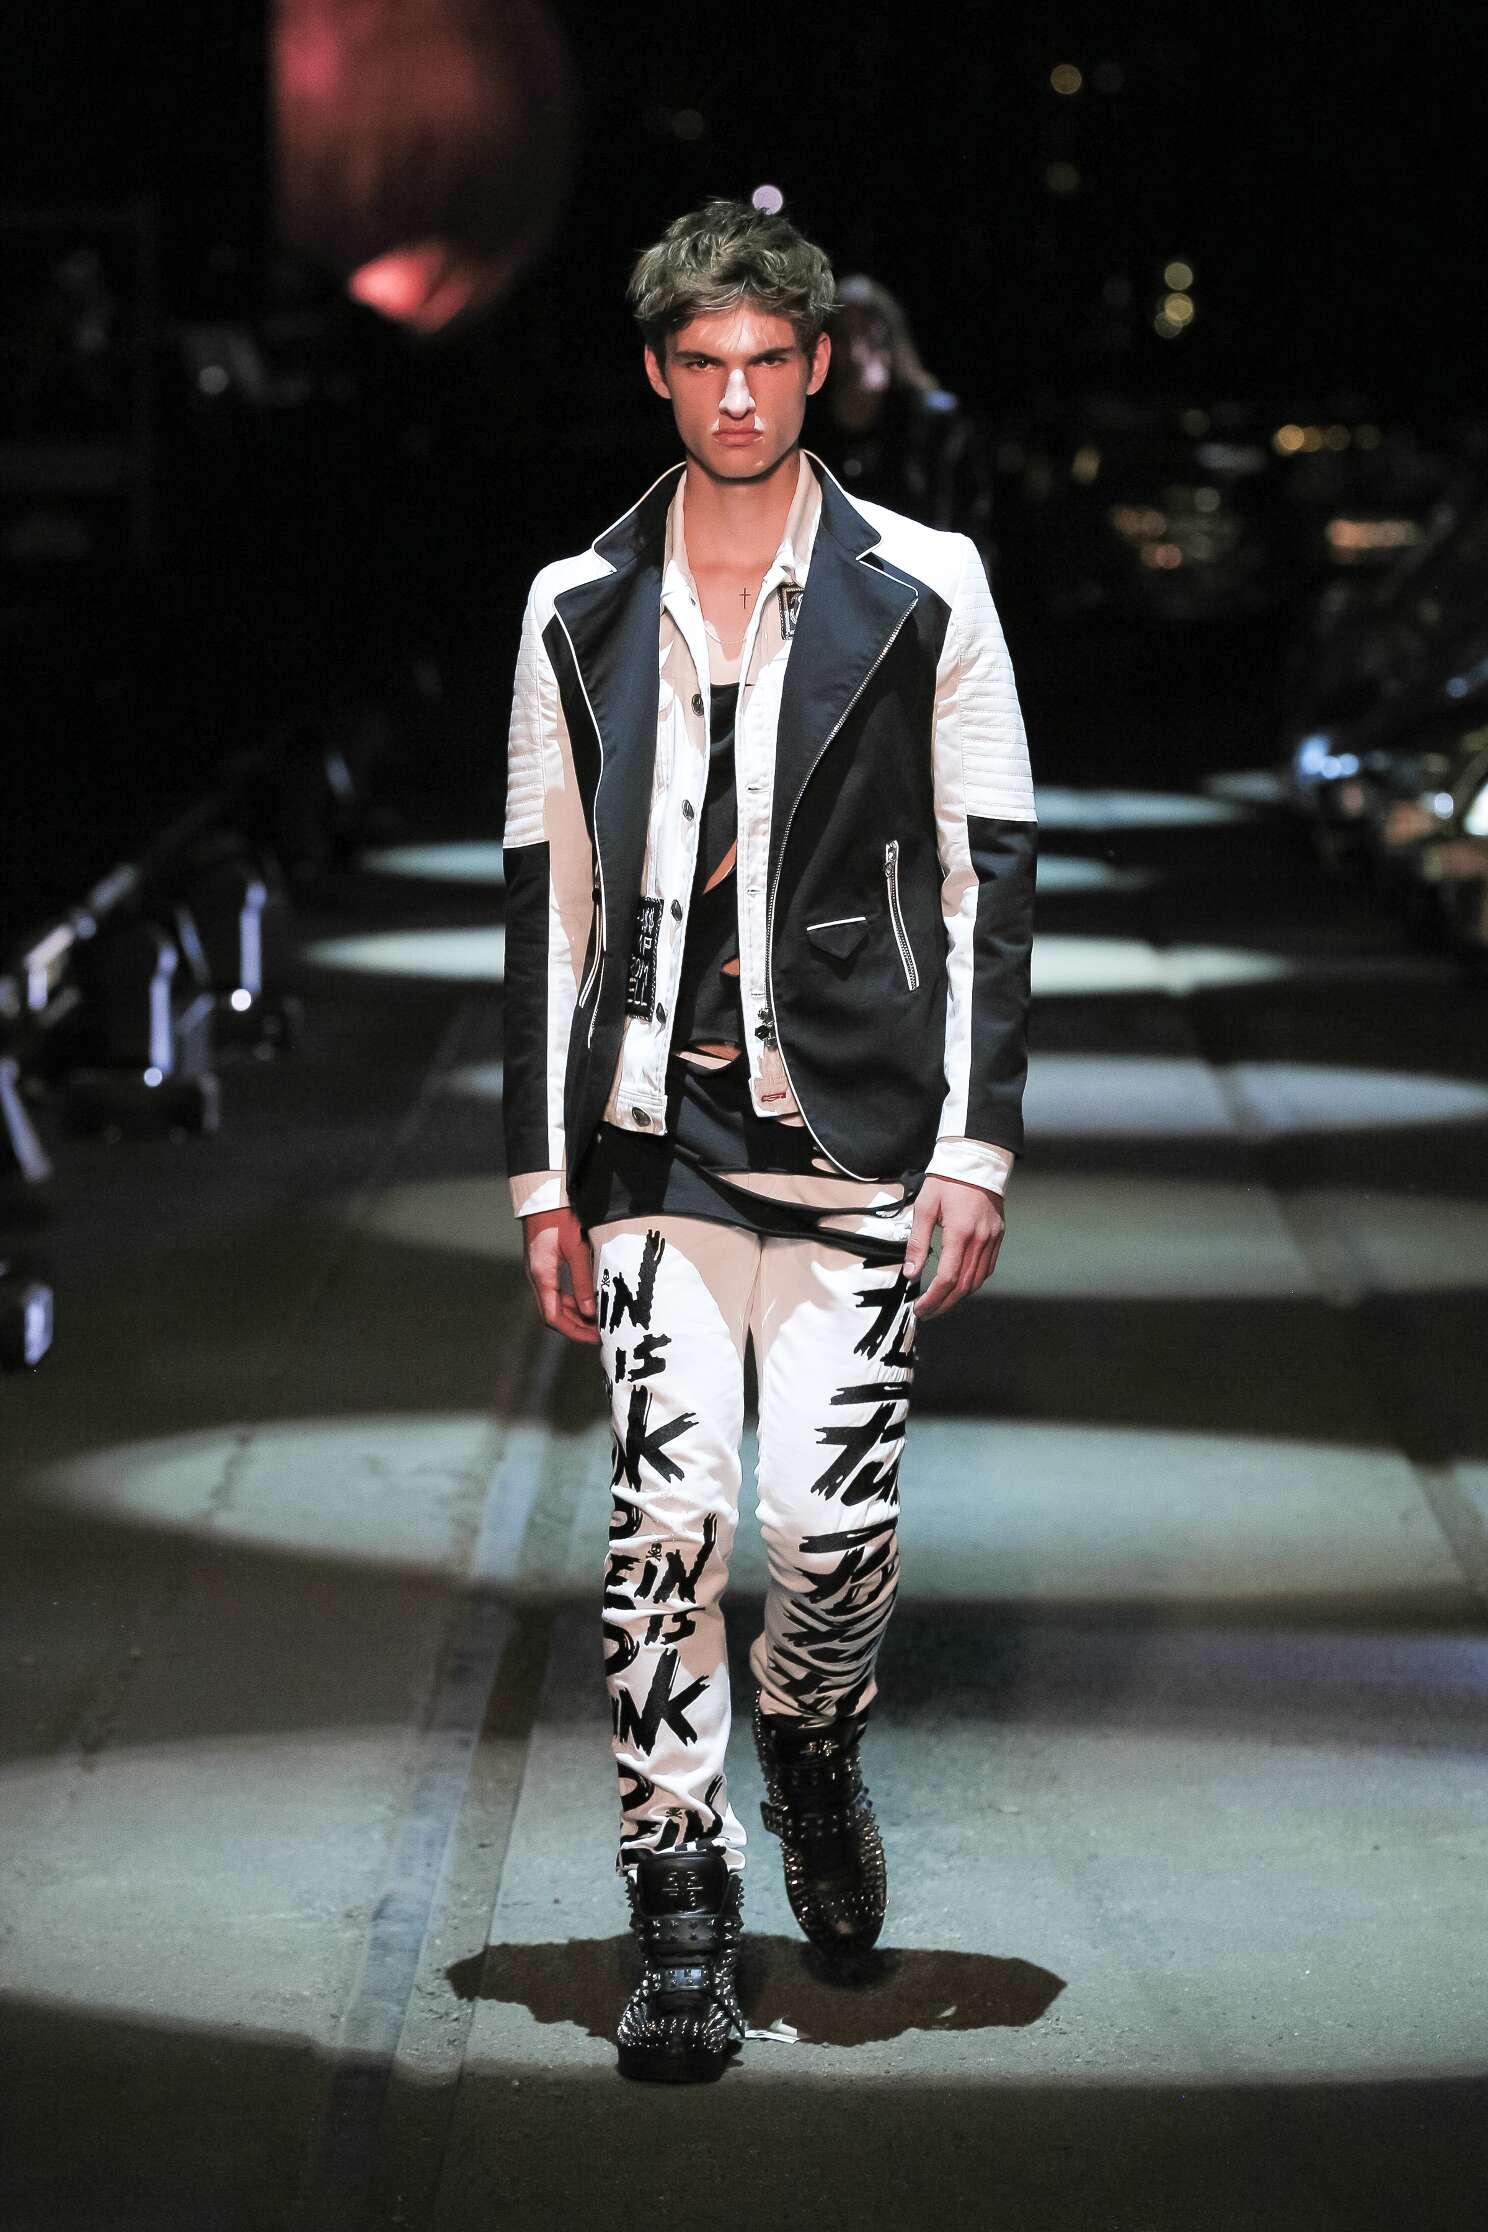 Runway Philipp Plein Spring Summer 2016 Men's Collection Milan Fashion Week